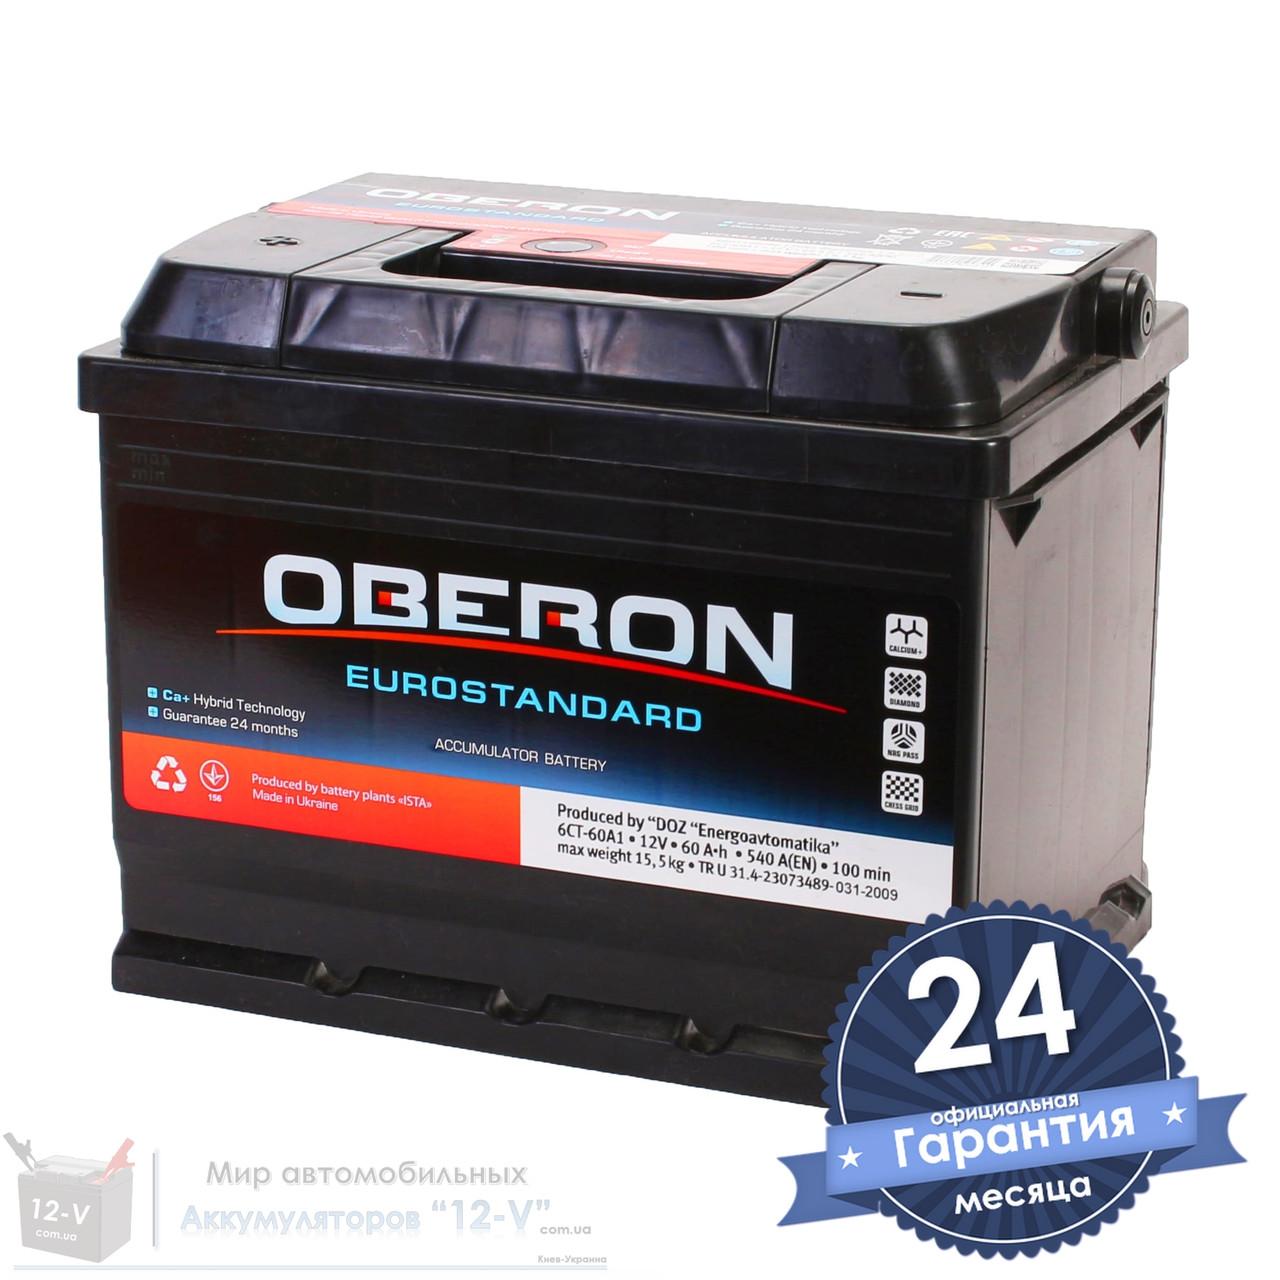 Аккумулятор автомобильный OBERON Eurostandard 6CT 60Ah, пусковой ток 540А [+|–]